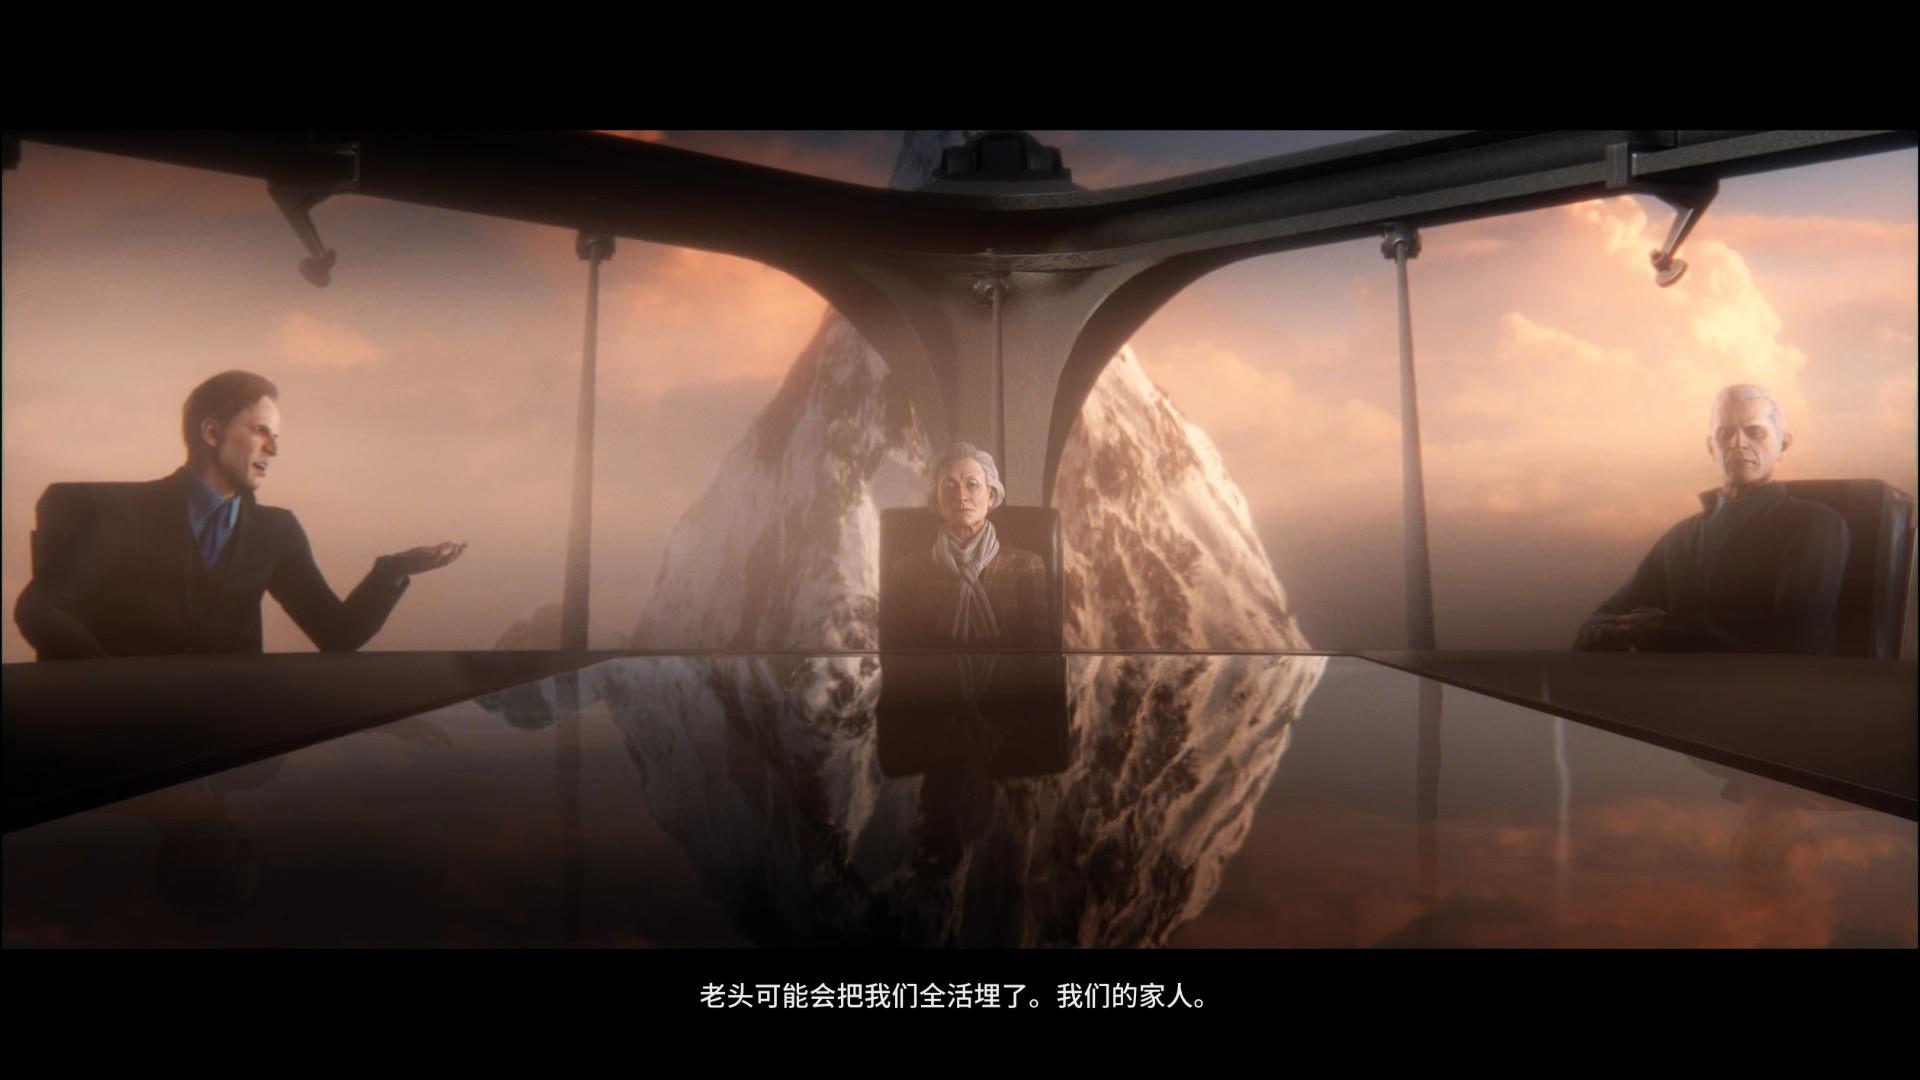 《杀手2》评测:旅行光头来到了新景点